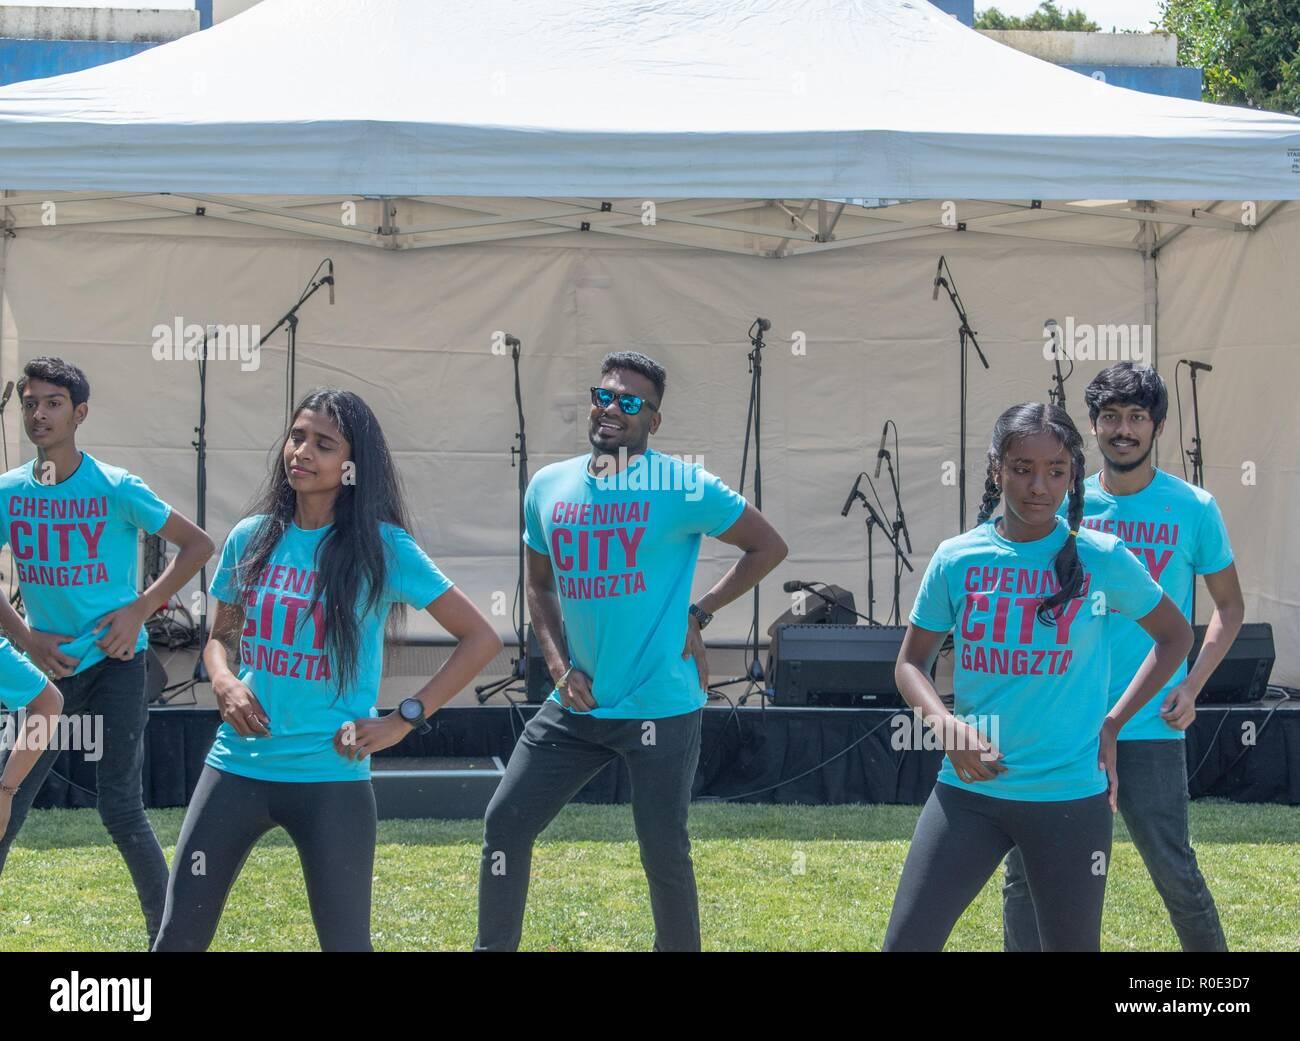 Auckland, Nueva Zelanda el 27 de octubre de 2018 - Los jóvenes bailarines indígenas, haciendo su rutina en el Festival de la calle Sandringham Imagen De Stock